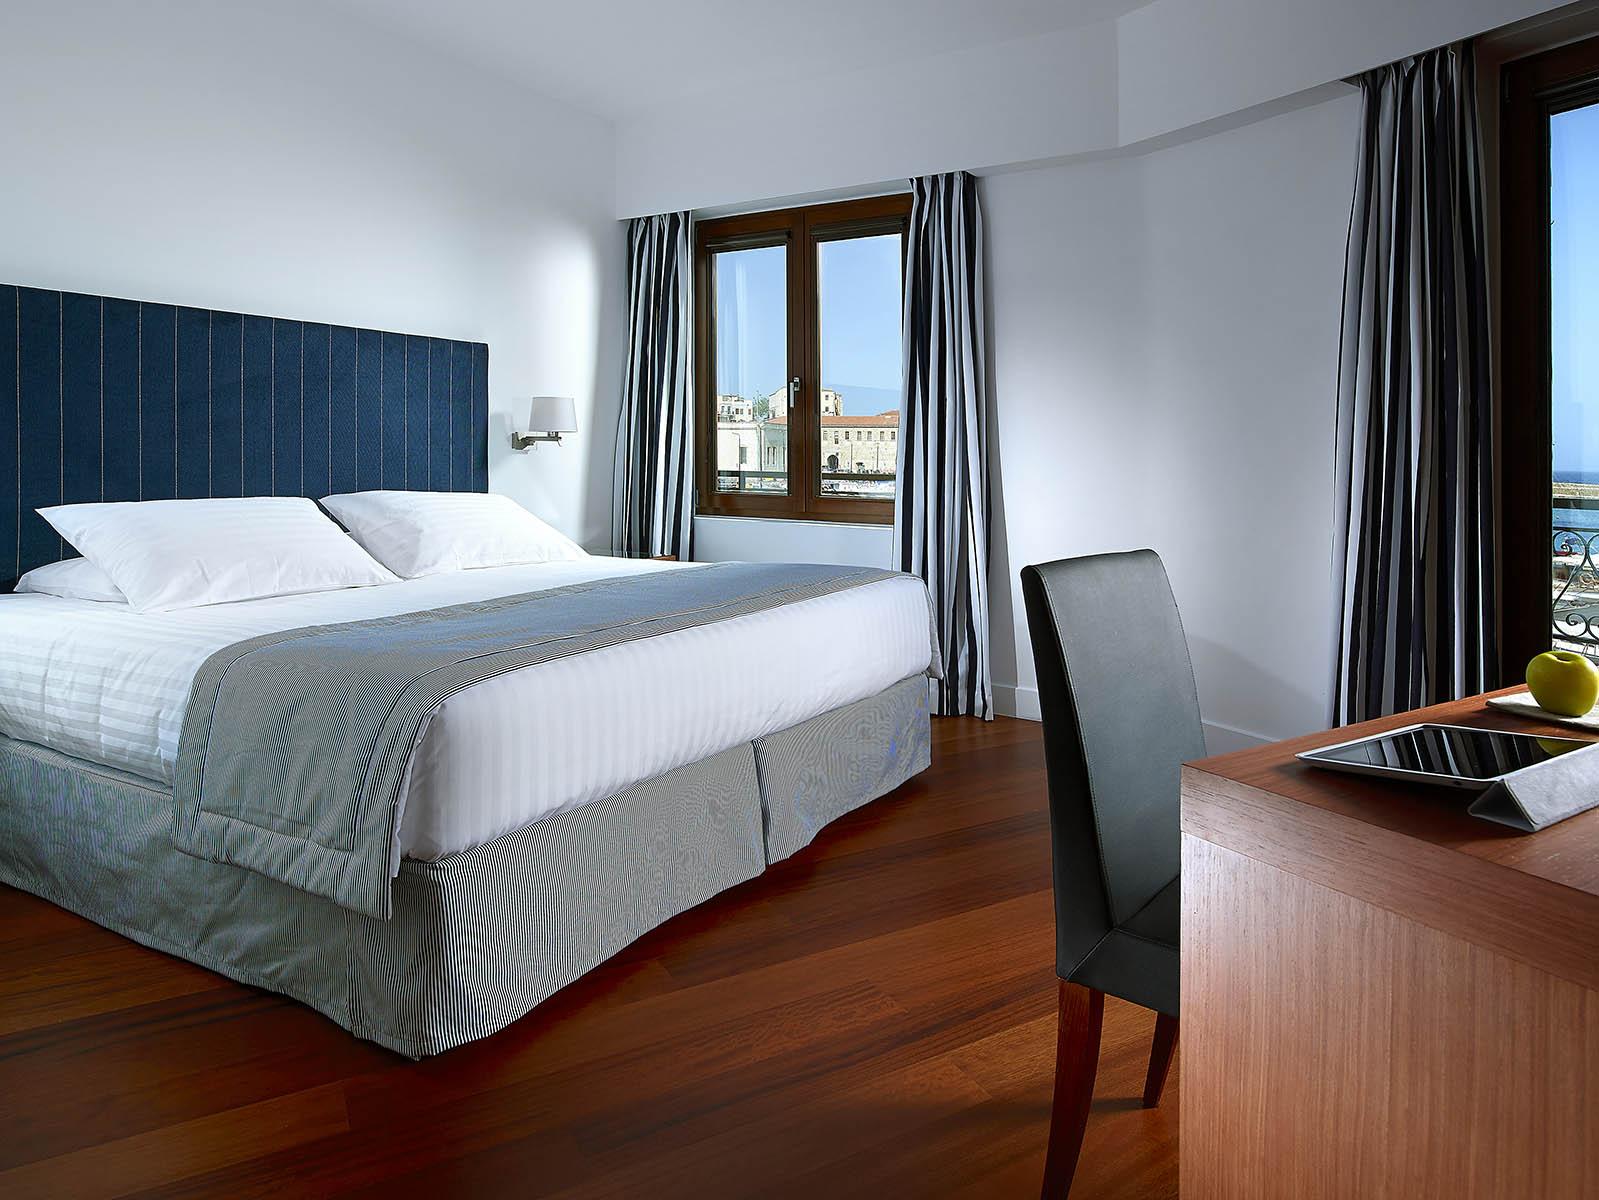 luxury accommodation in crete - Porto Veneziano Hotel